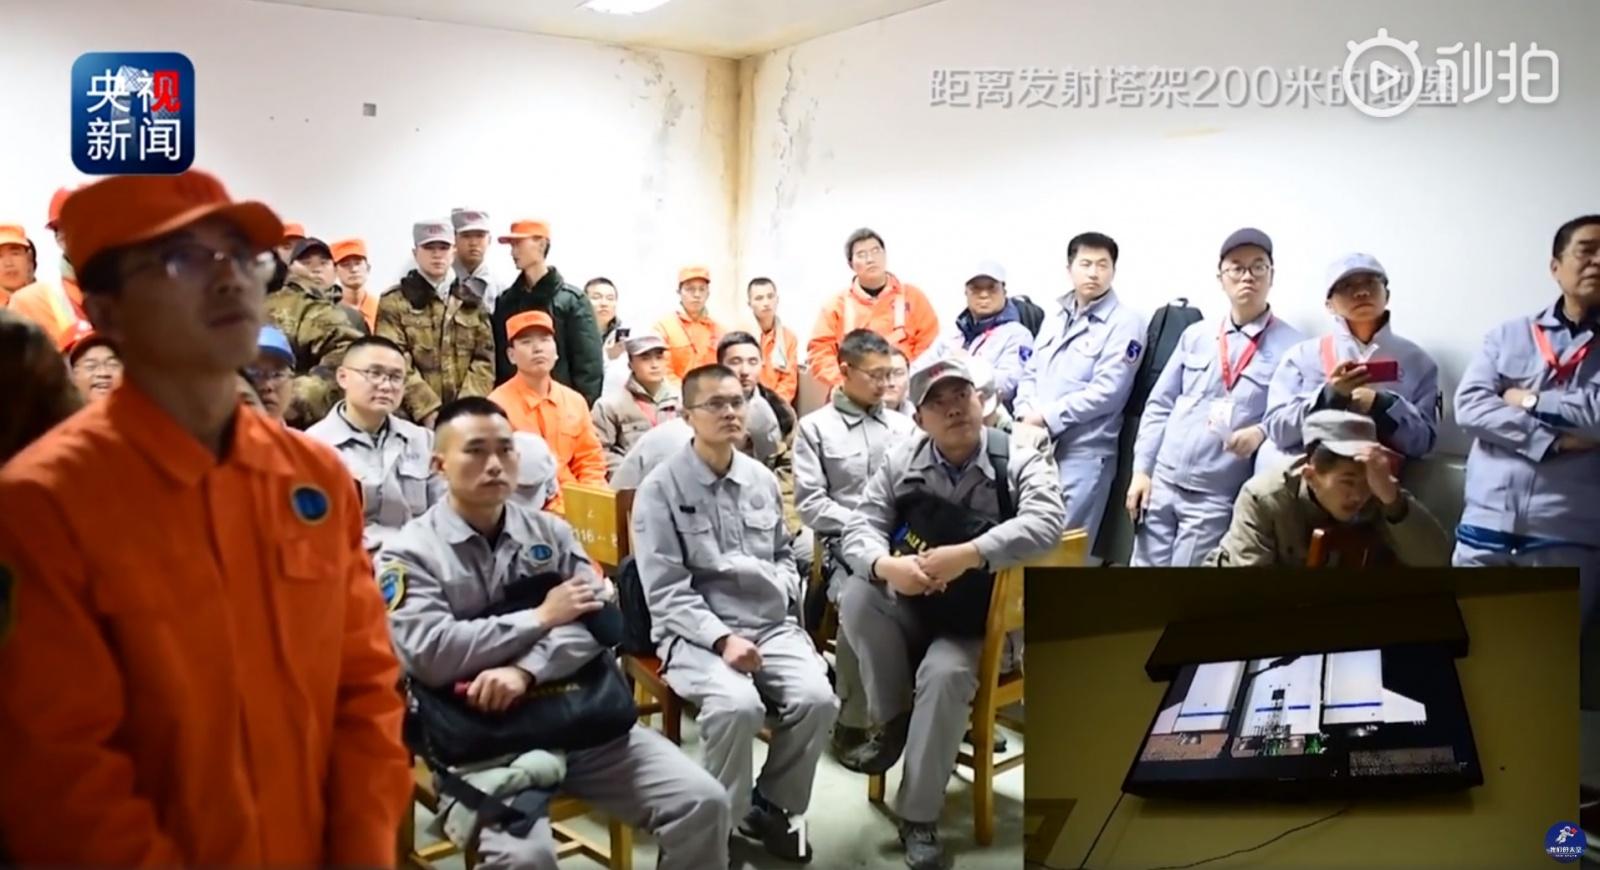 Суровая рабочая реальность — Китайский космодром Сичан (Xichang Satellite Launch Center — XSLC) - 109